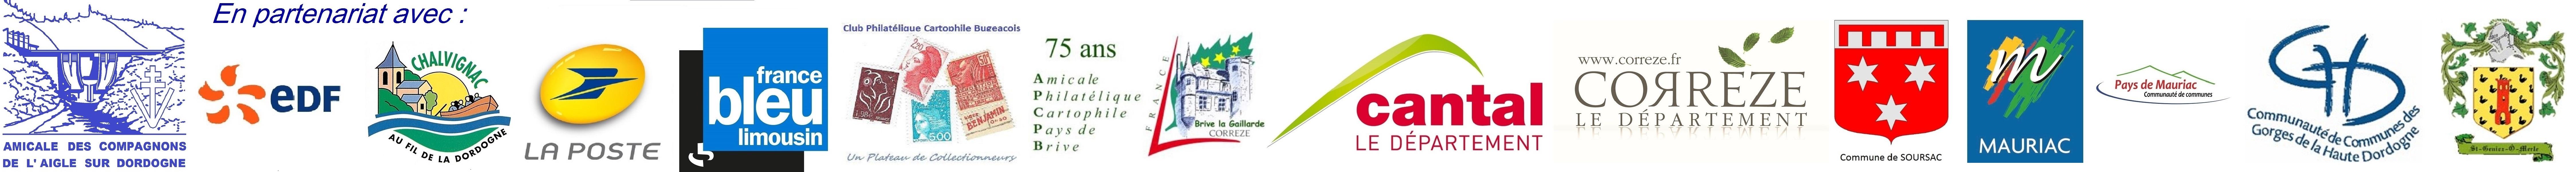 Bandeau Logos 4